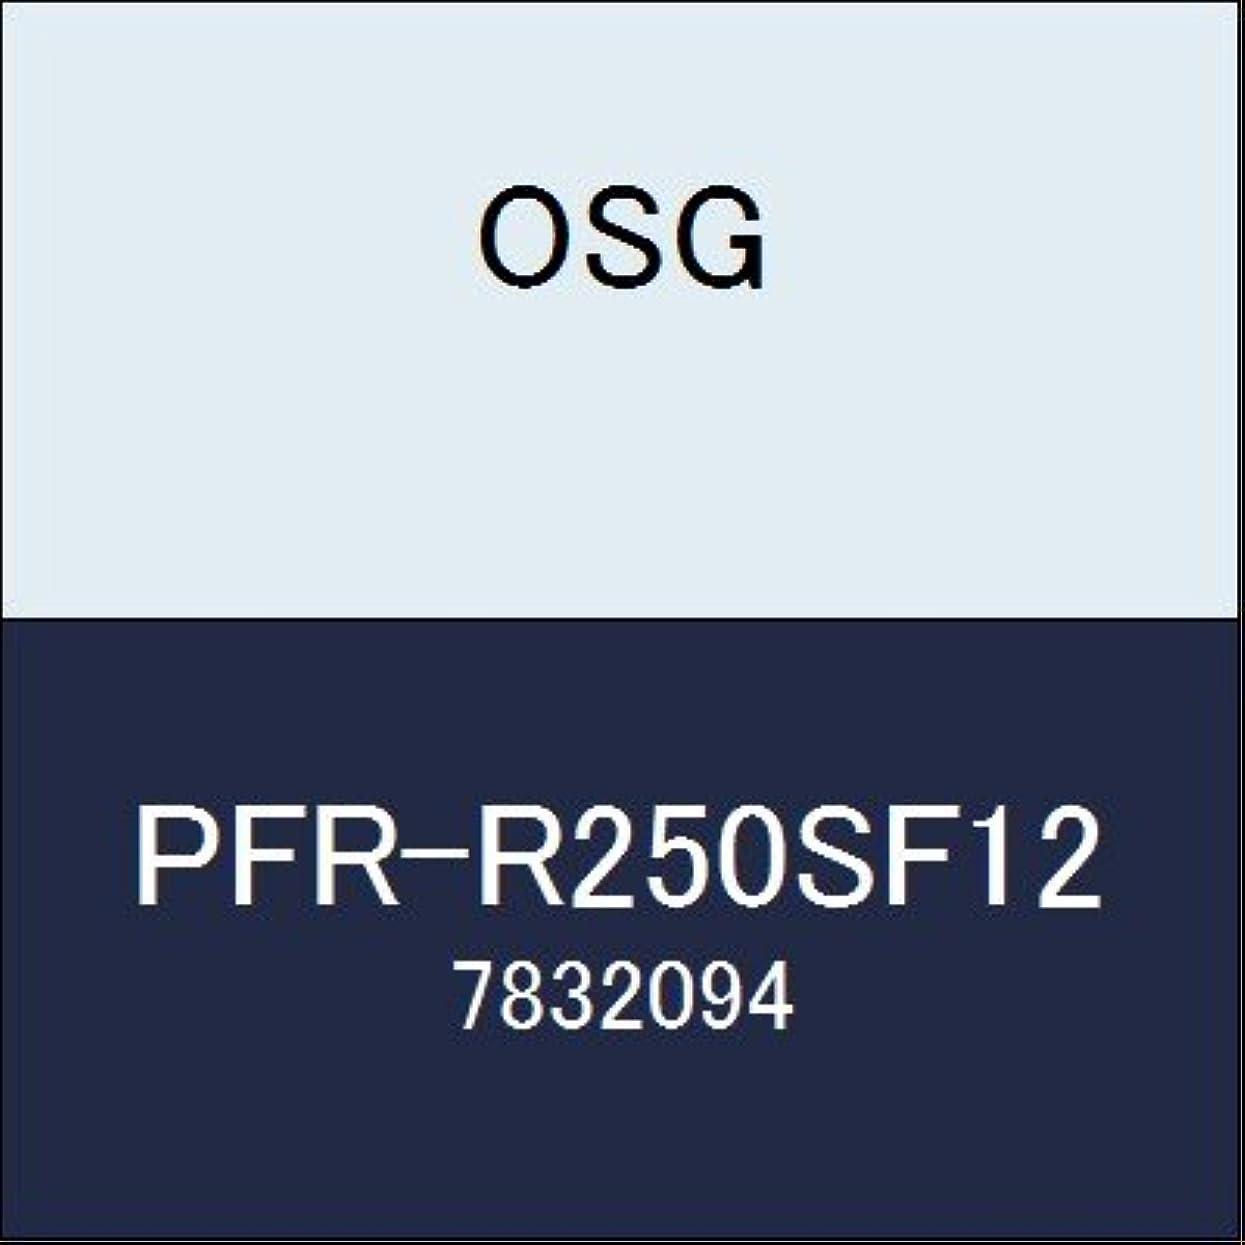 幹救援分岐するOSG エンドミル PFR-R250SF12 商品番号 7832094